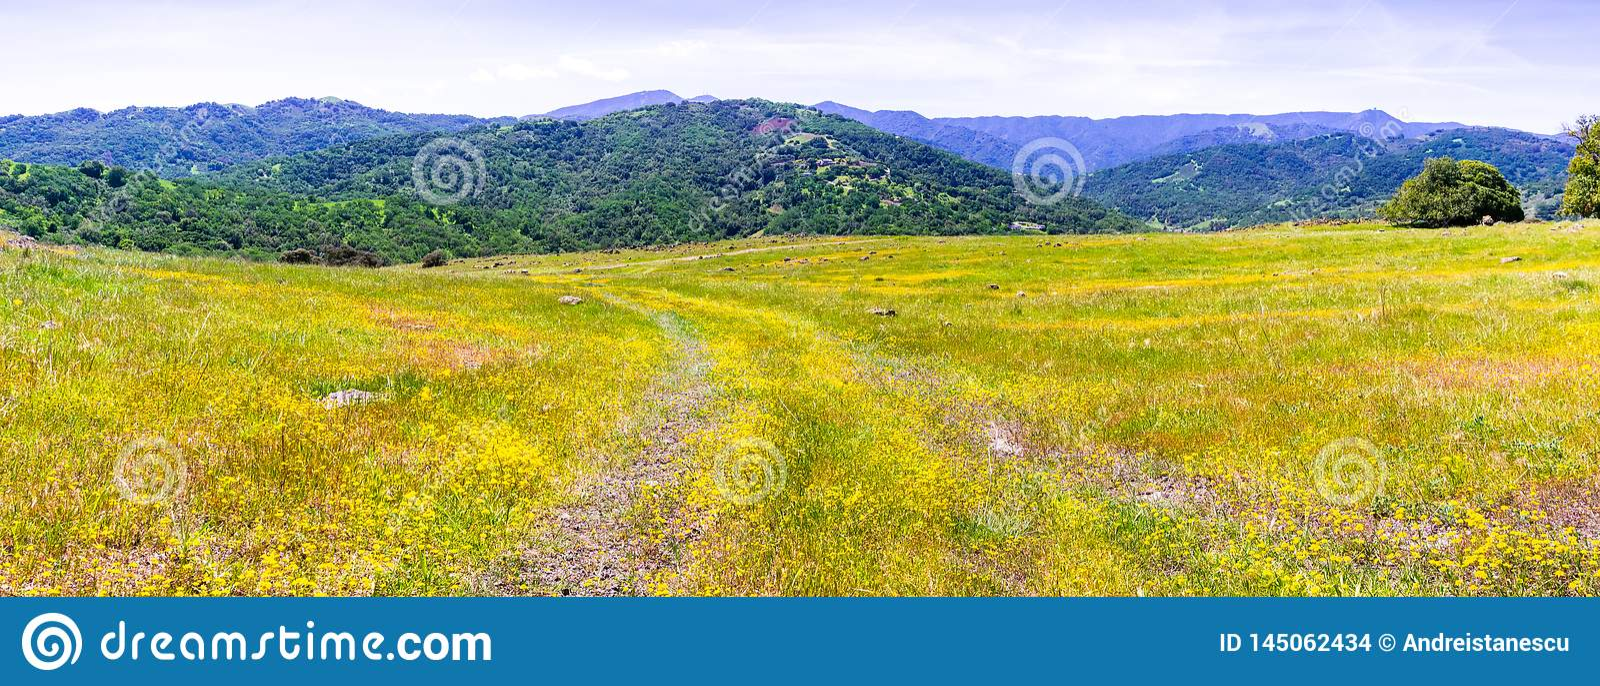 开花在南旧金山湾的Goldfield野花;嫩绿的小山可看见在背景中;圣荷西,加利福尼亚